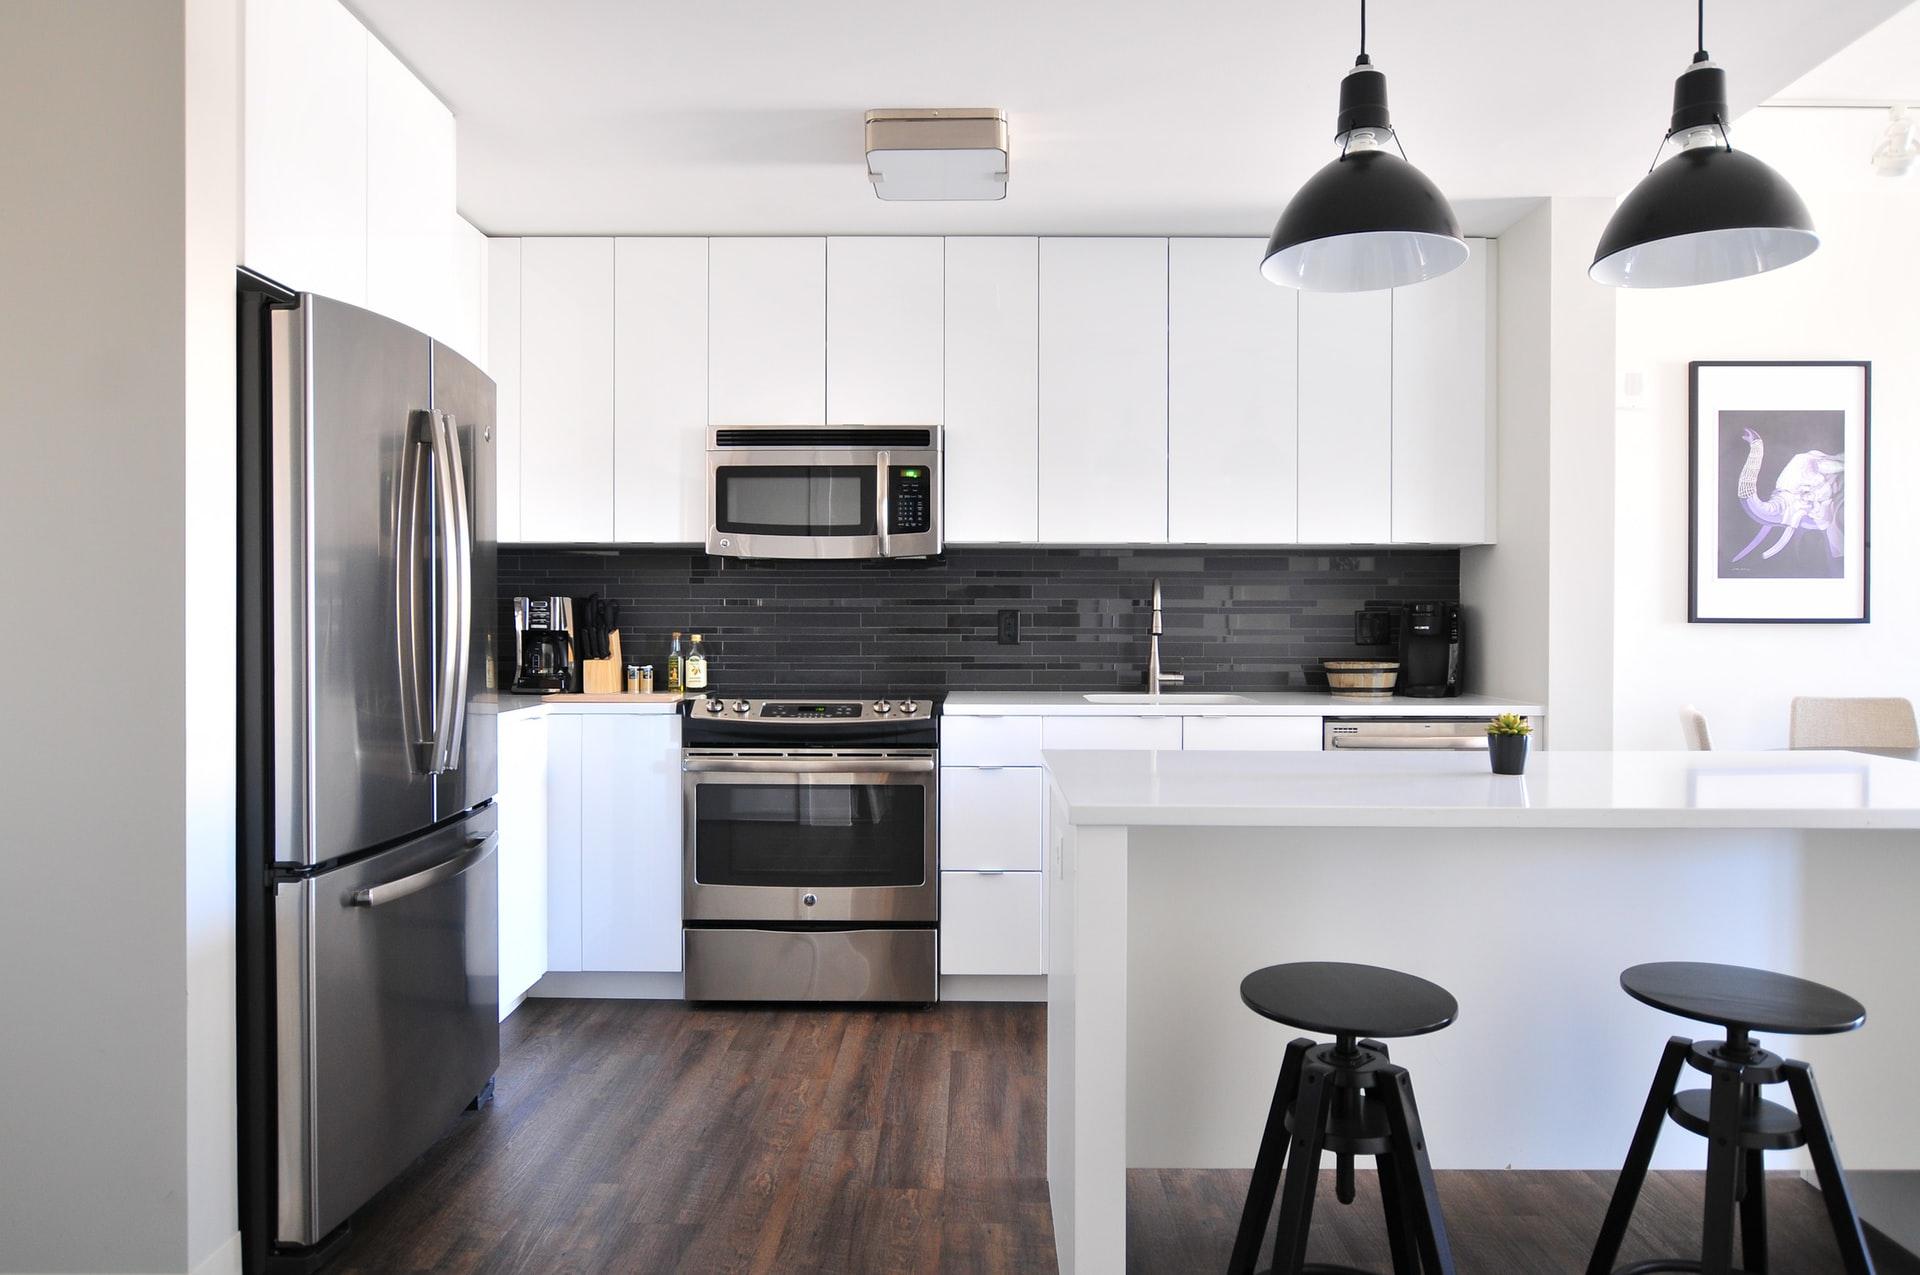 Grey steel refrigerator in a white kitchen